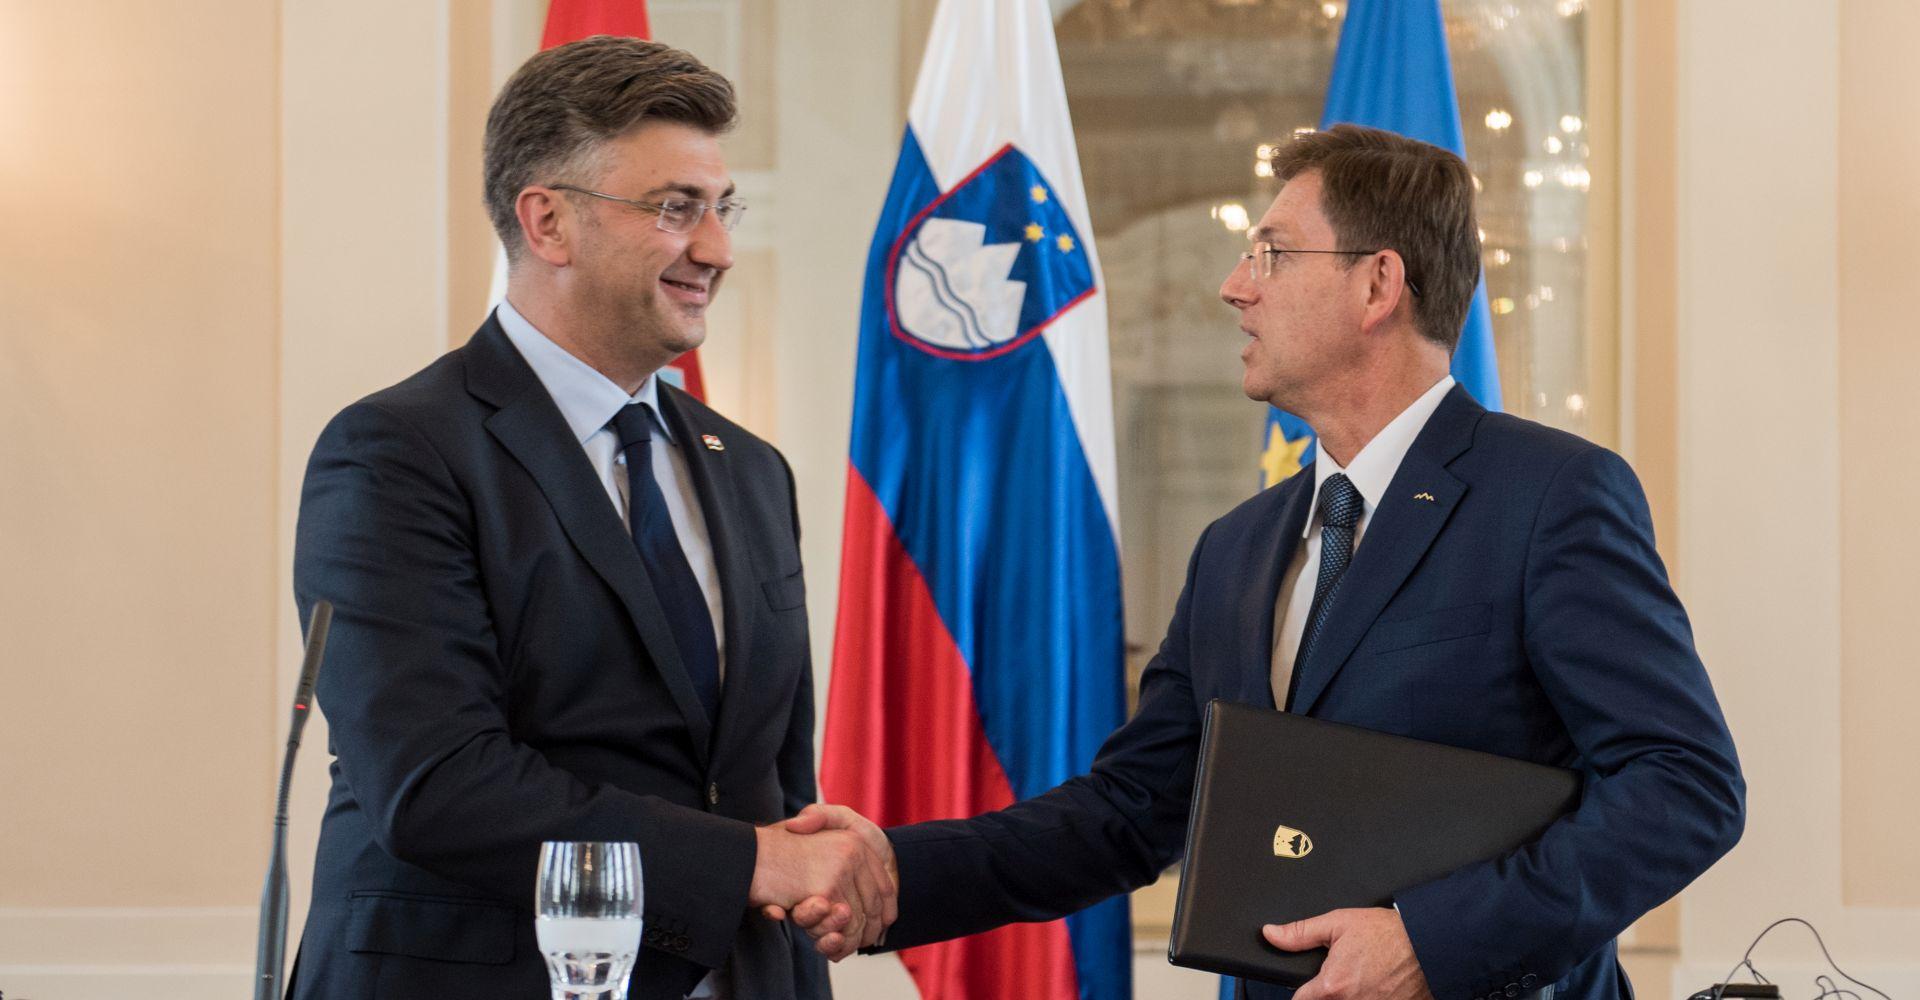 'DIJALOG GLUHIH' Slovenski mediji o susretu Cerara i Plenkovića